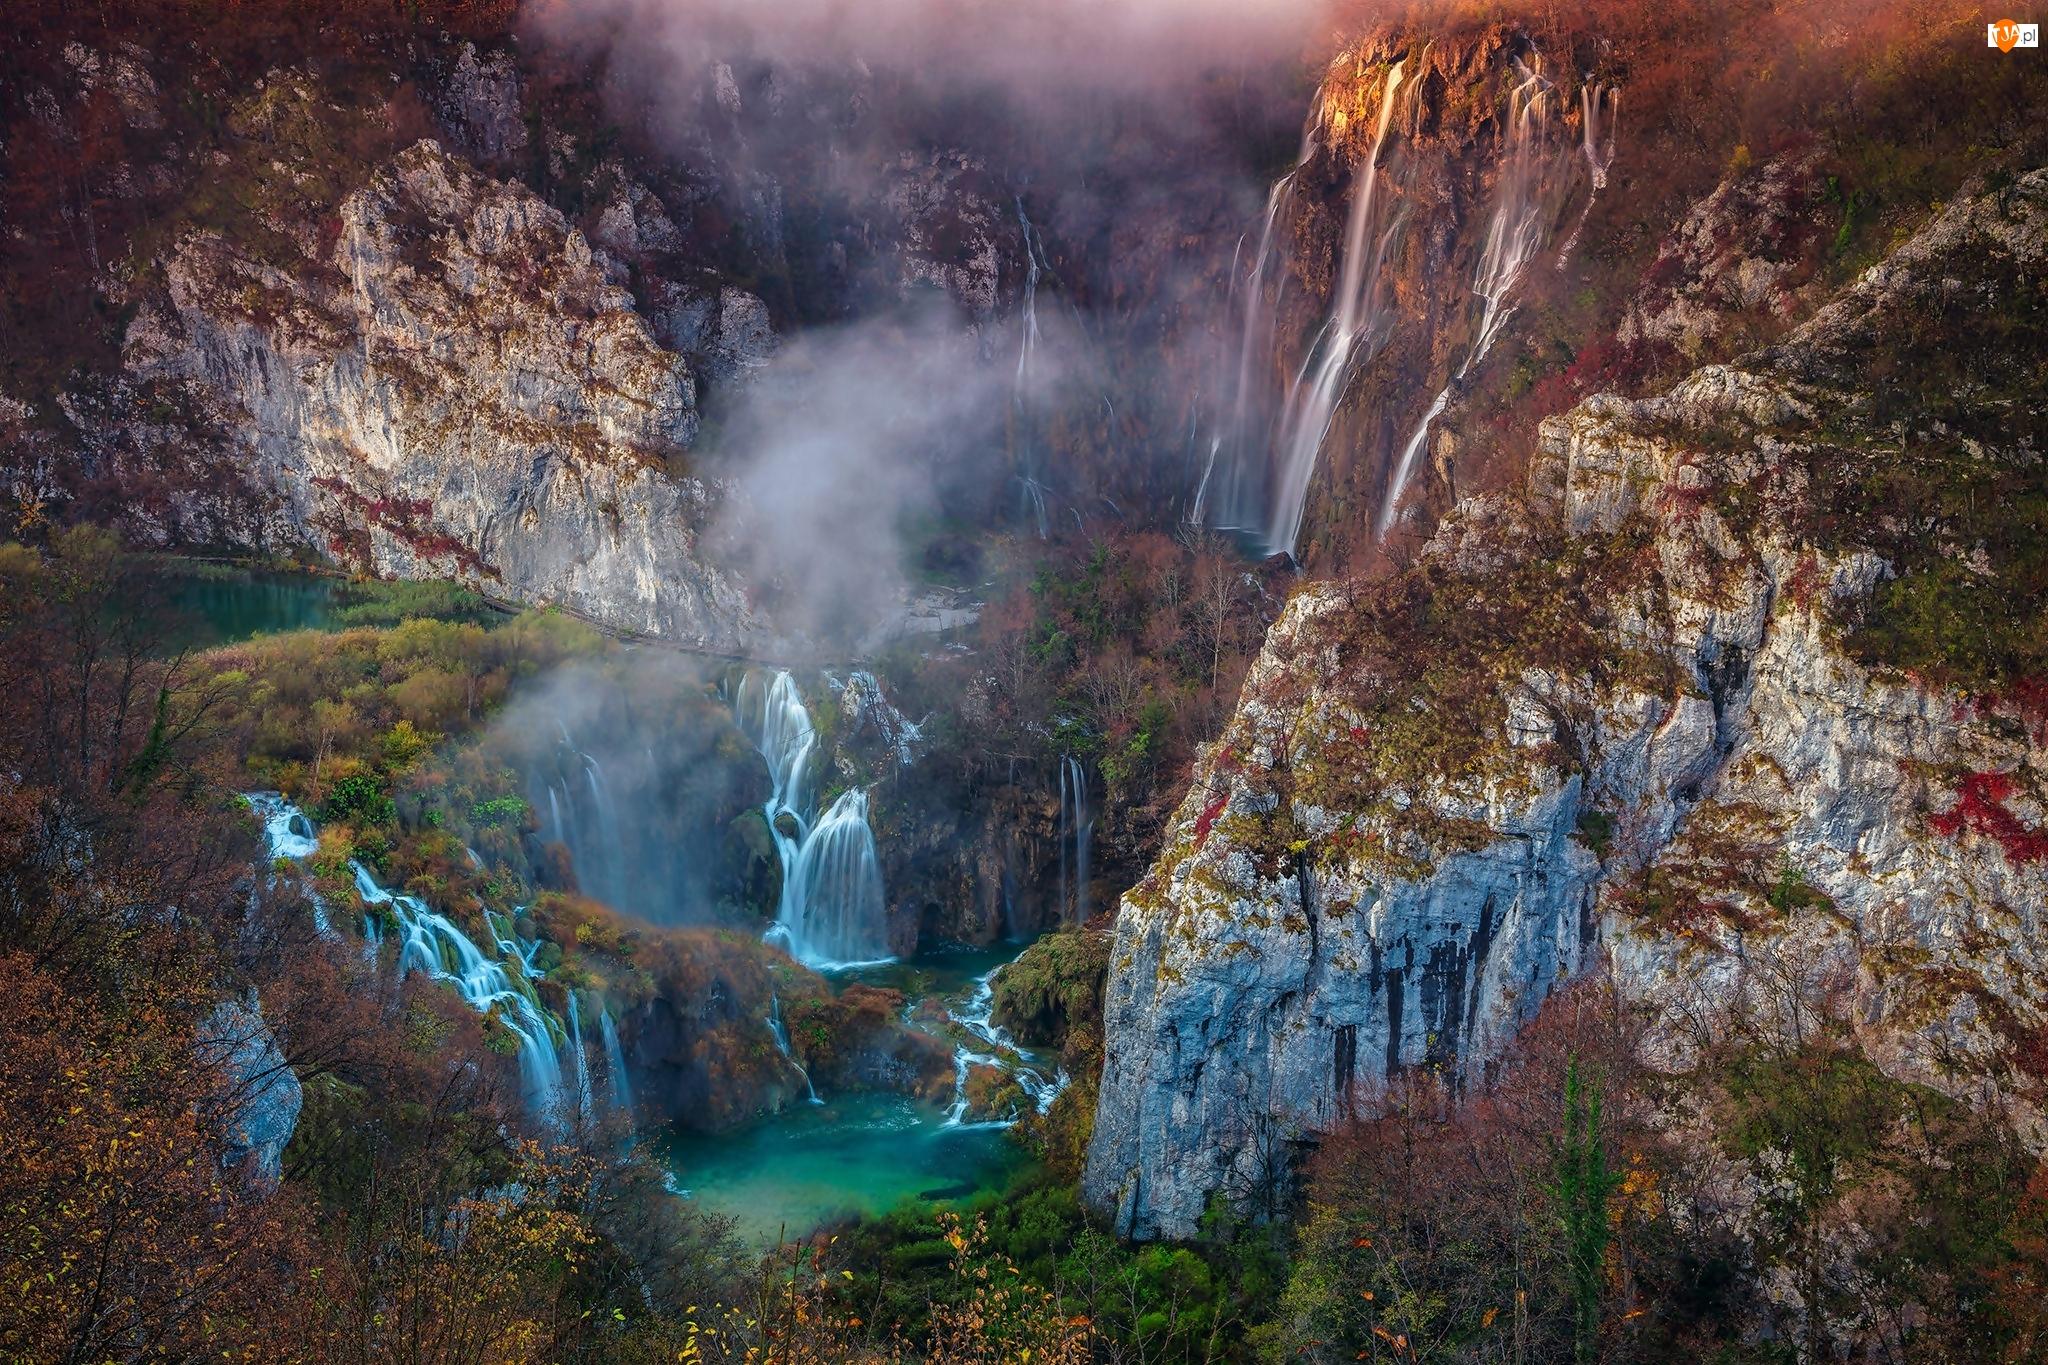 Wodospad, Góry, Plitvice, Jeziora, Chorwacja, Krzewy, Park Narodowy Jezior Plitwickich, Skały